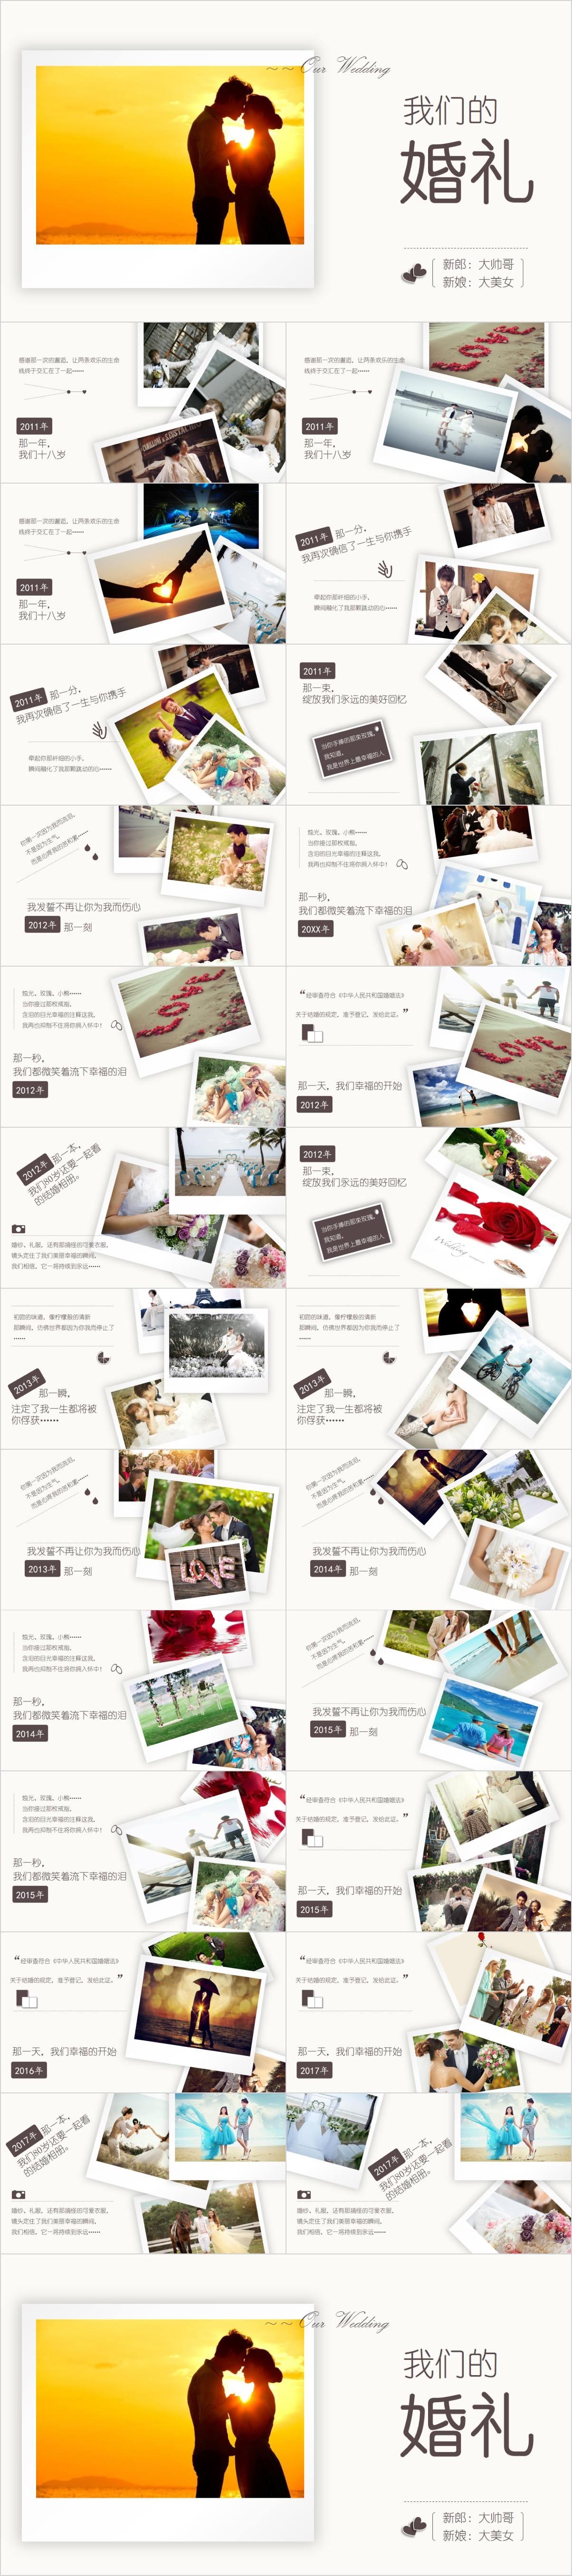 VC0130 溫馨浪漫婚禮PPT模板